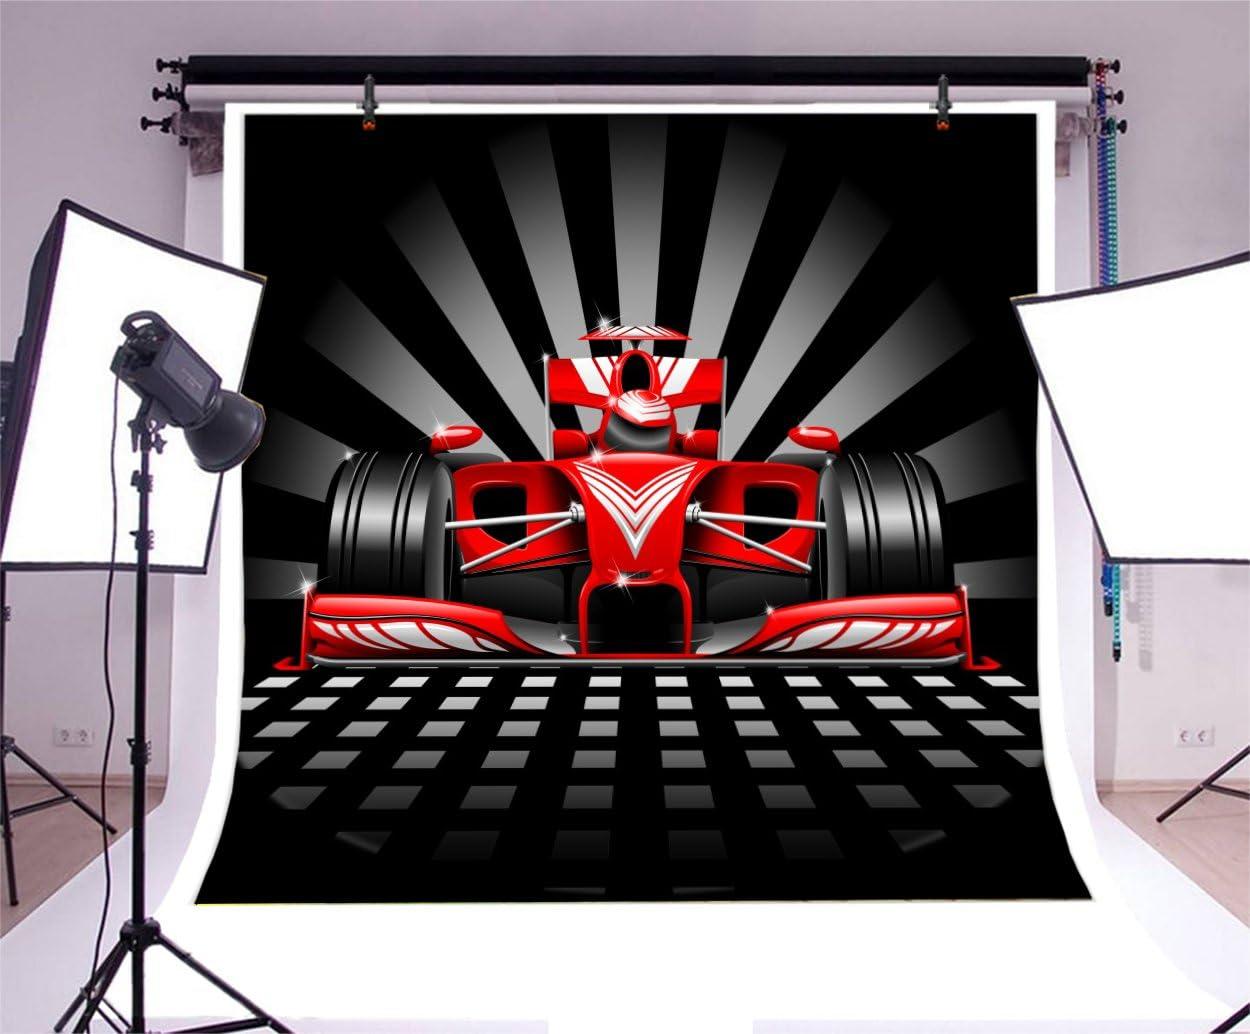 Leyiyi Fotohintergrund 2 4 X 2 4 M Roter Rennauto Hintergrund Happy Birthday Karierte Flagge Geschwindigkeitsrennen Begeisterung Streifen Mechanische Motorwagen Party Express Cowboy Foto Portrait Vinyl Studio Requisite